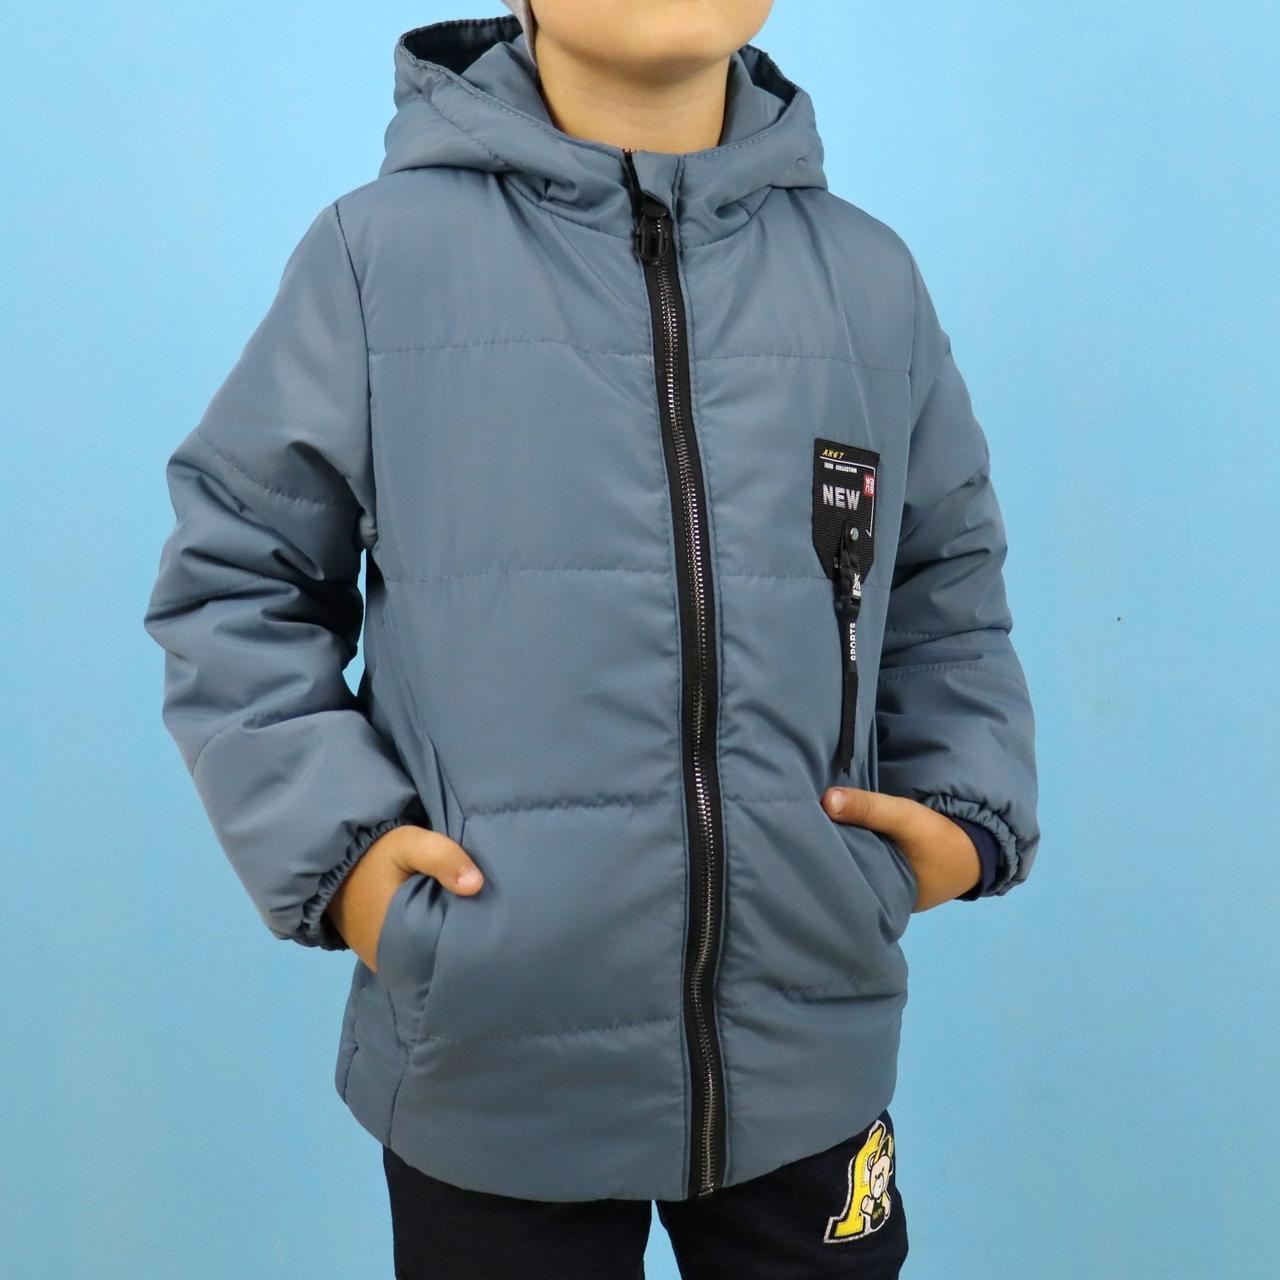 Дитяча куртка для хлопчика на флісі синя тм Одягайко розмір 116,122 см